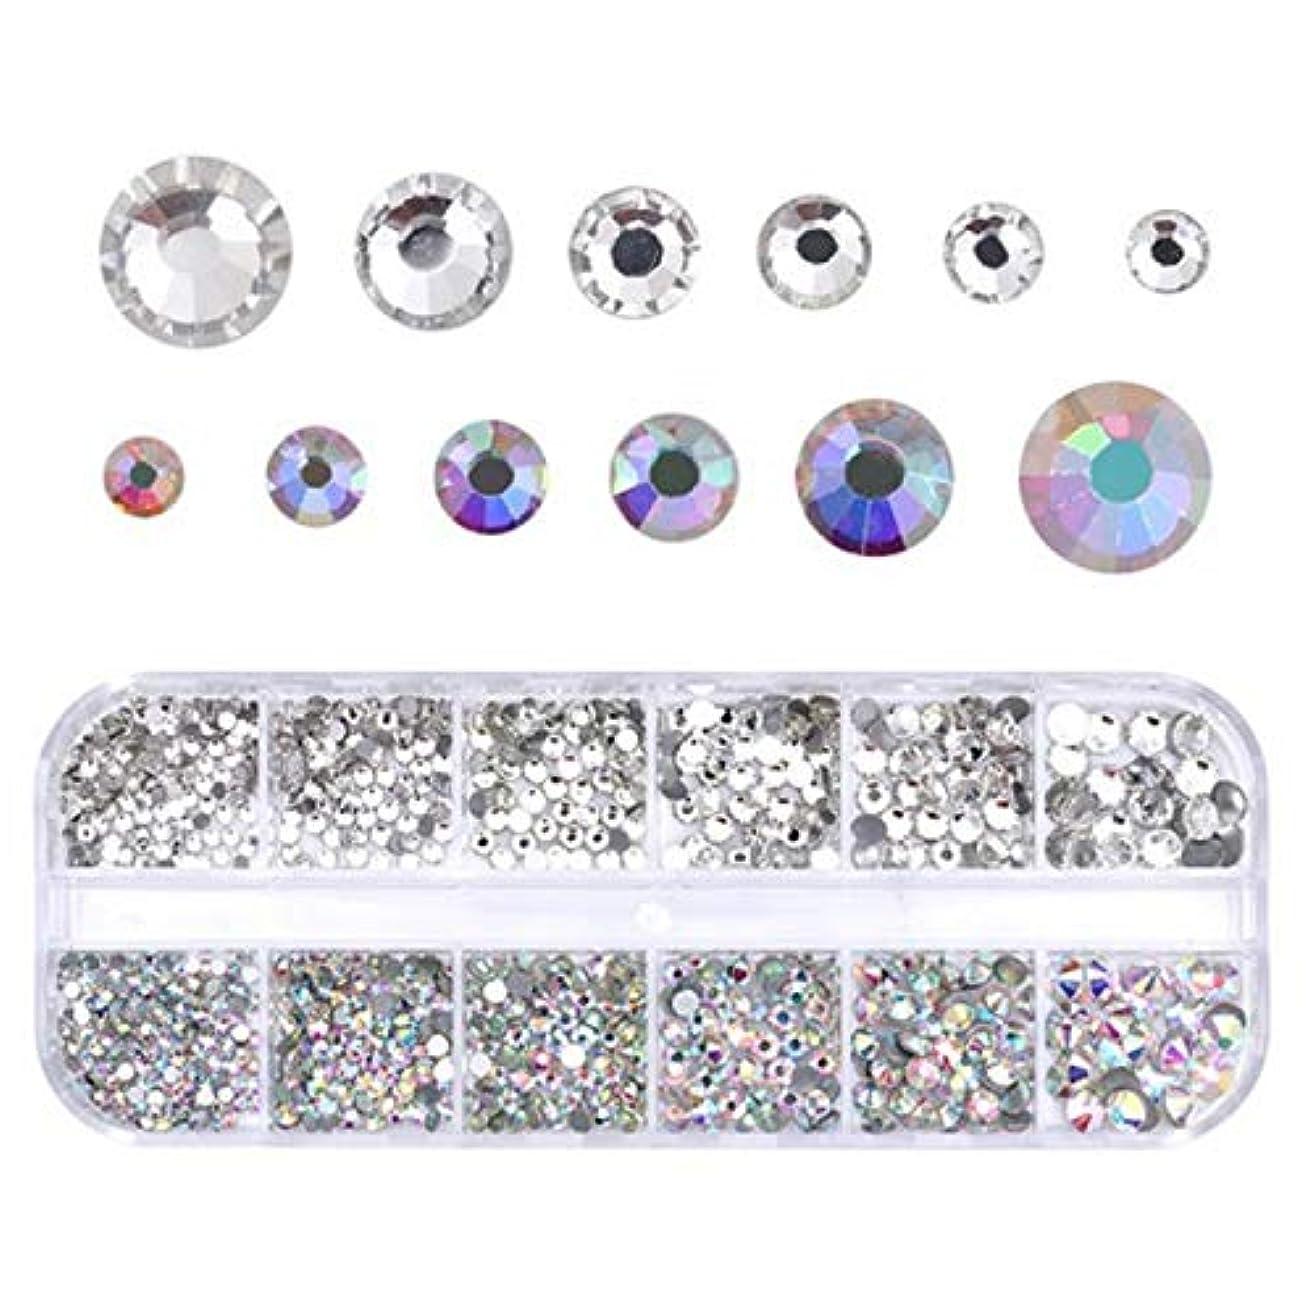 半円引き受けるレイアMigavann 12-Grids ネイルアートラインストーン ネイルクリスタルフラットバックラインストーンクリアガラスチャーム宝石ストーンダイヤモンド